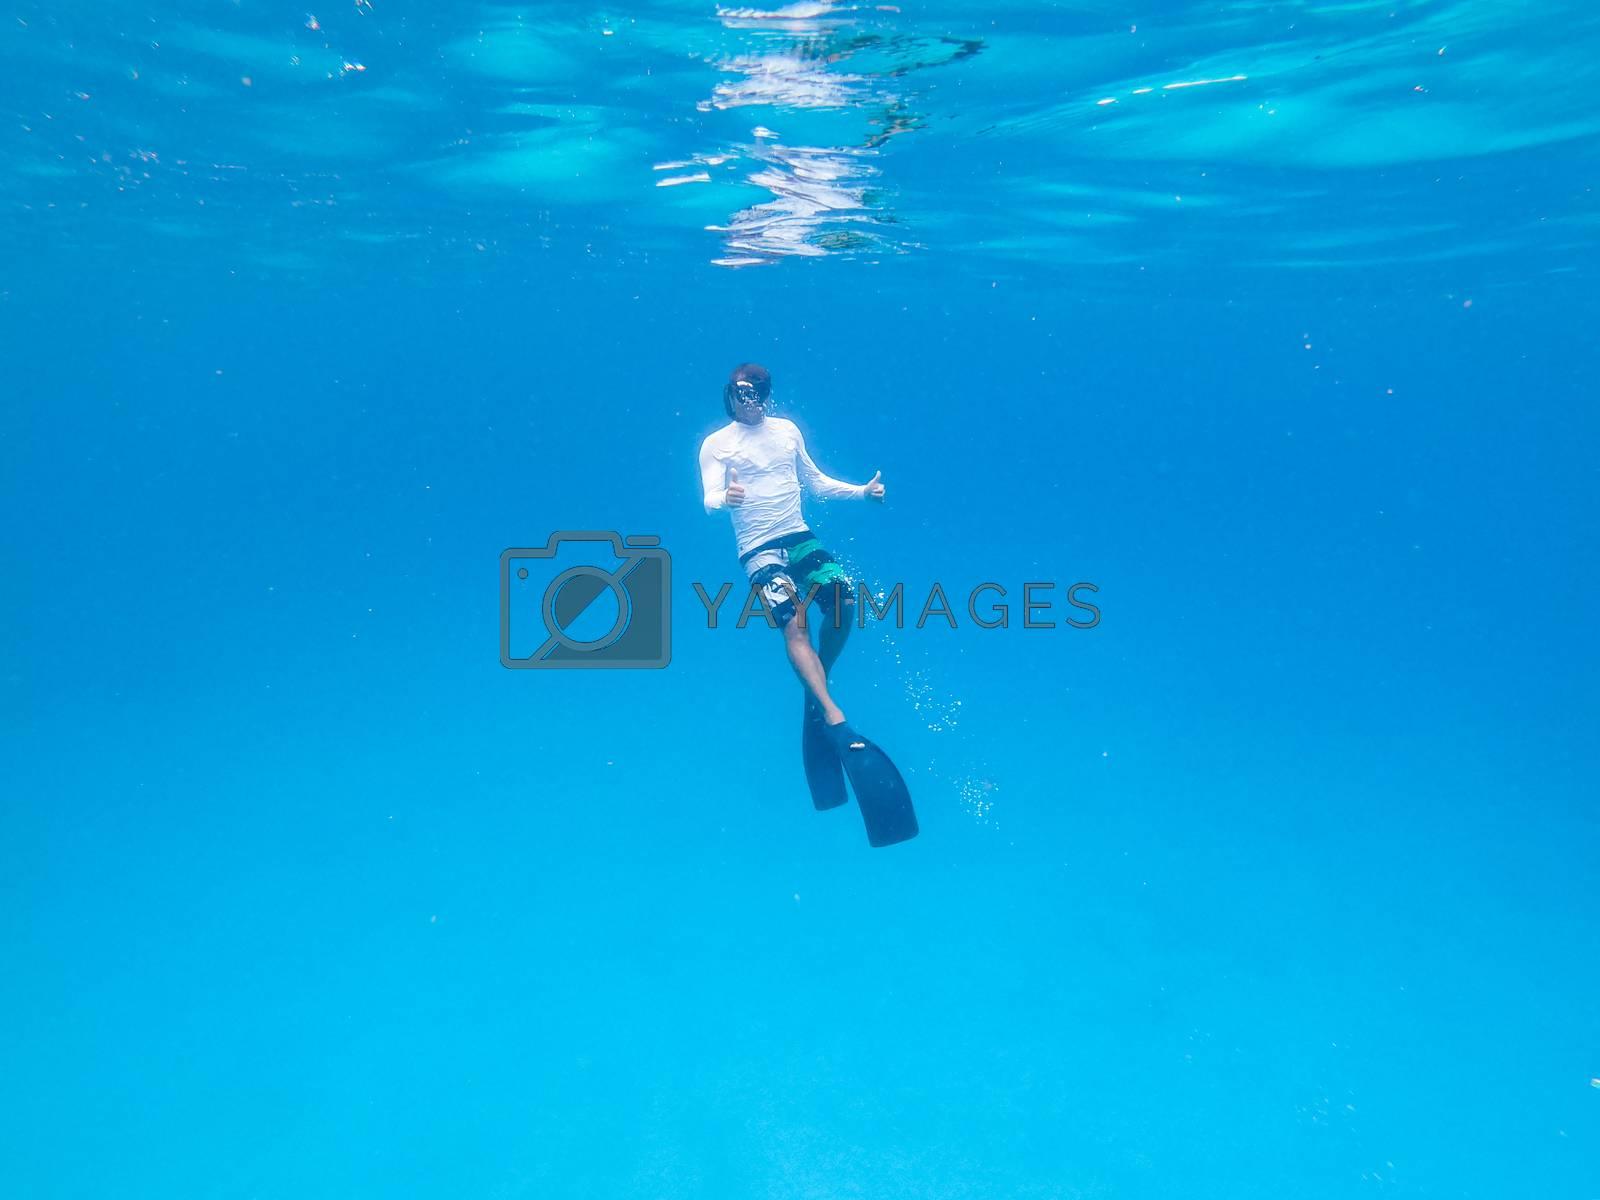 Underwater view of man free diving in blue ocean.